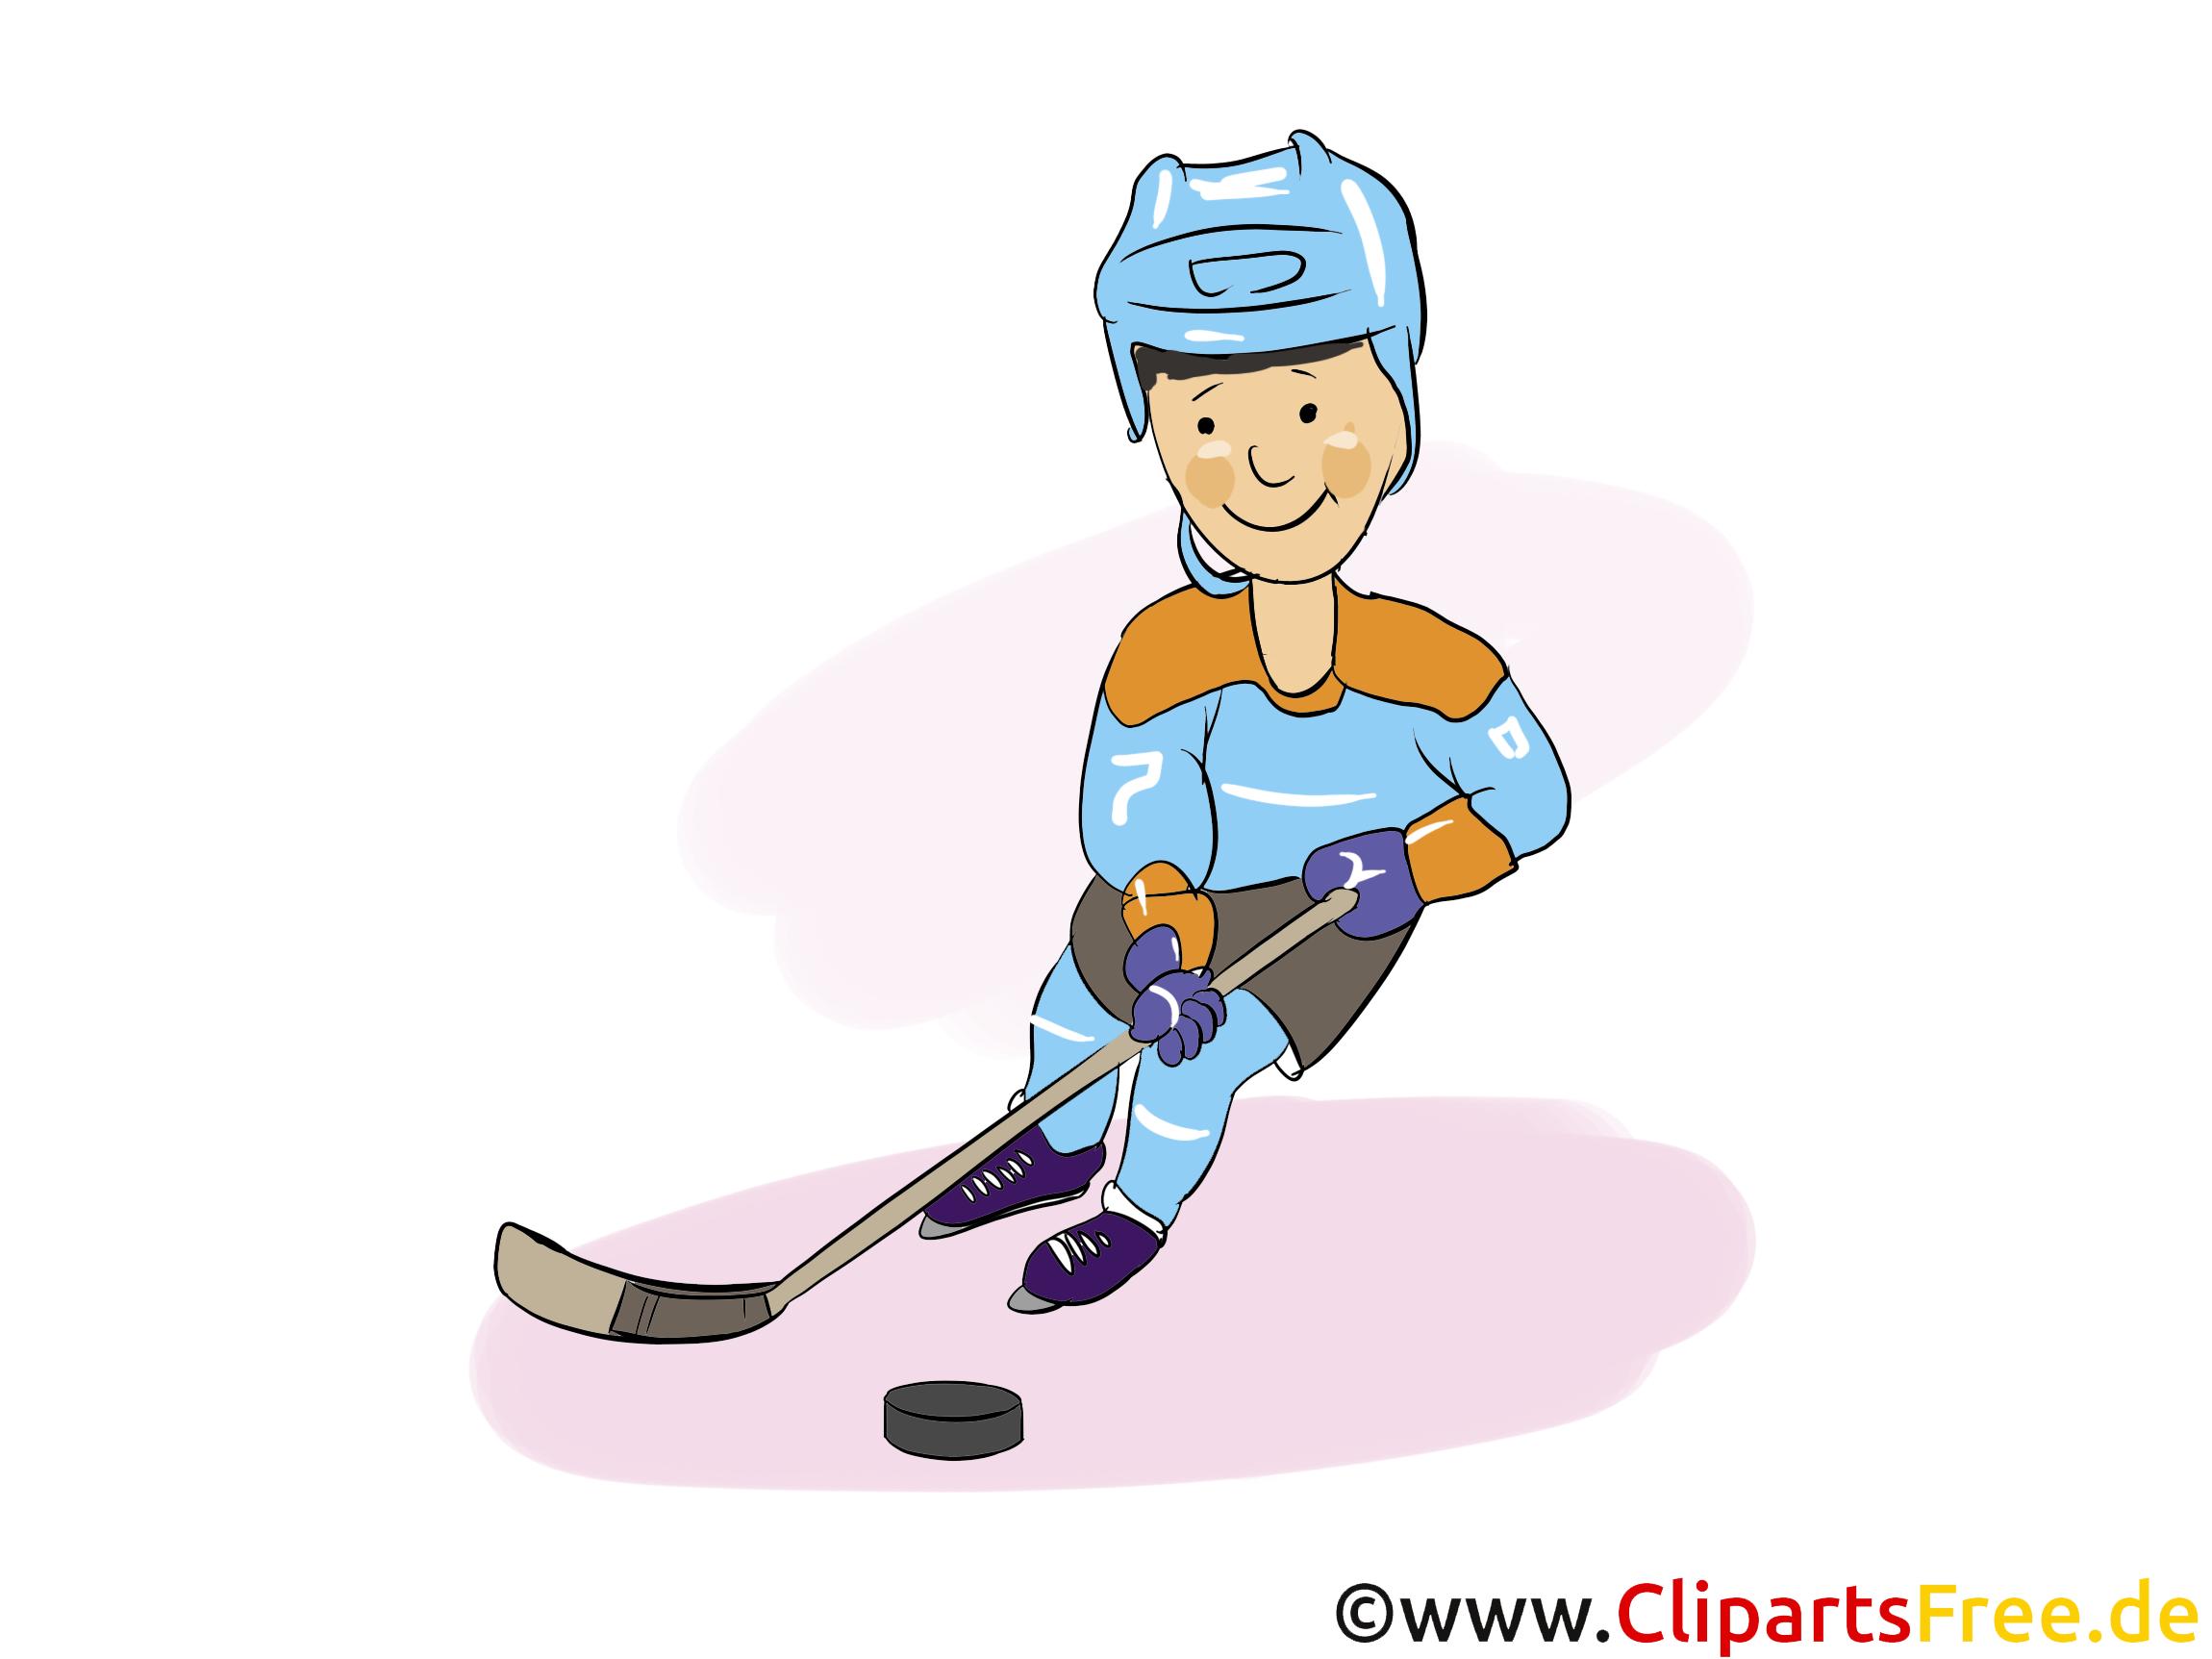 Sport d'hiver image gratuite - Hockey cliparts